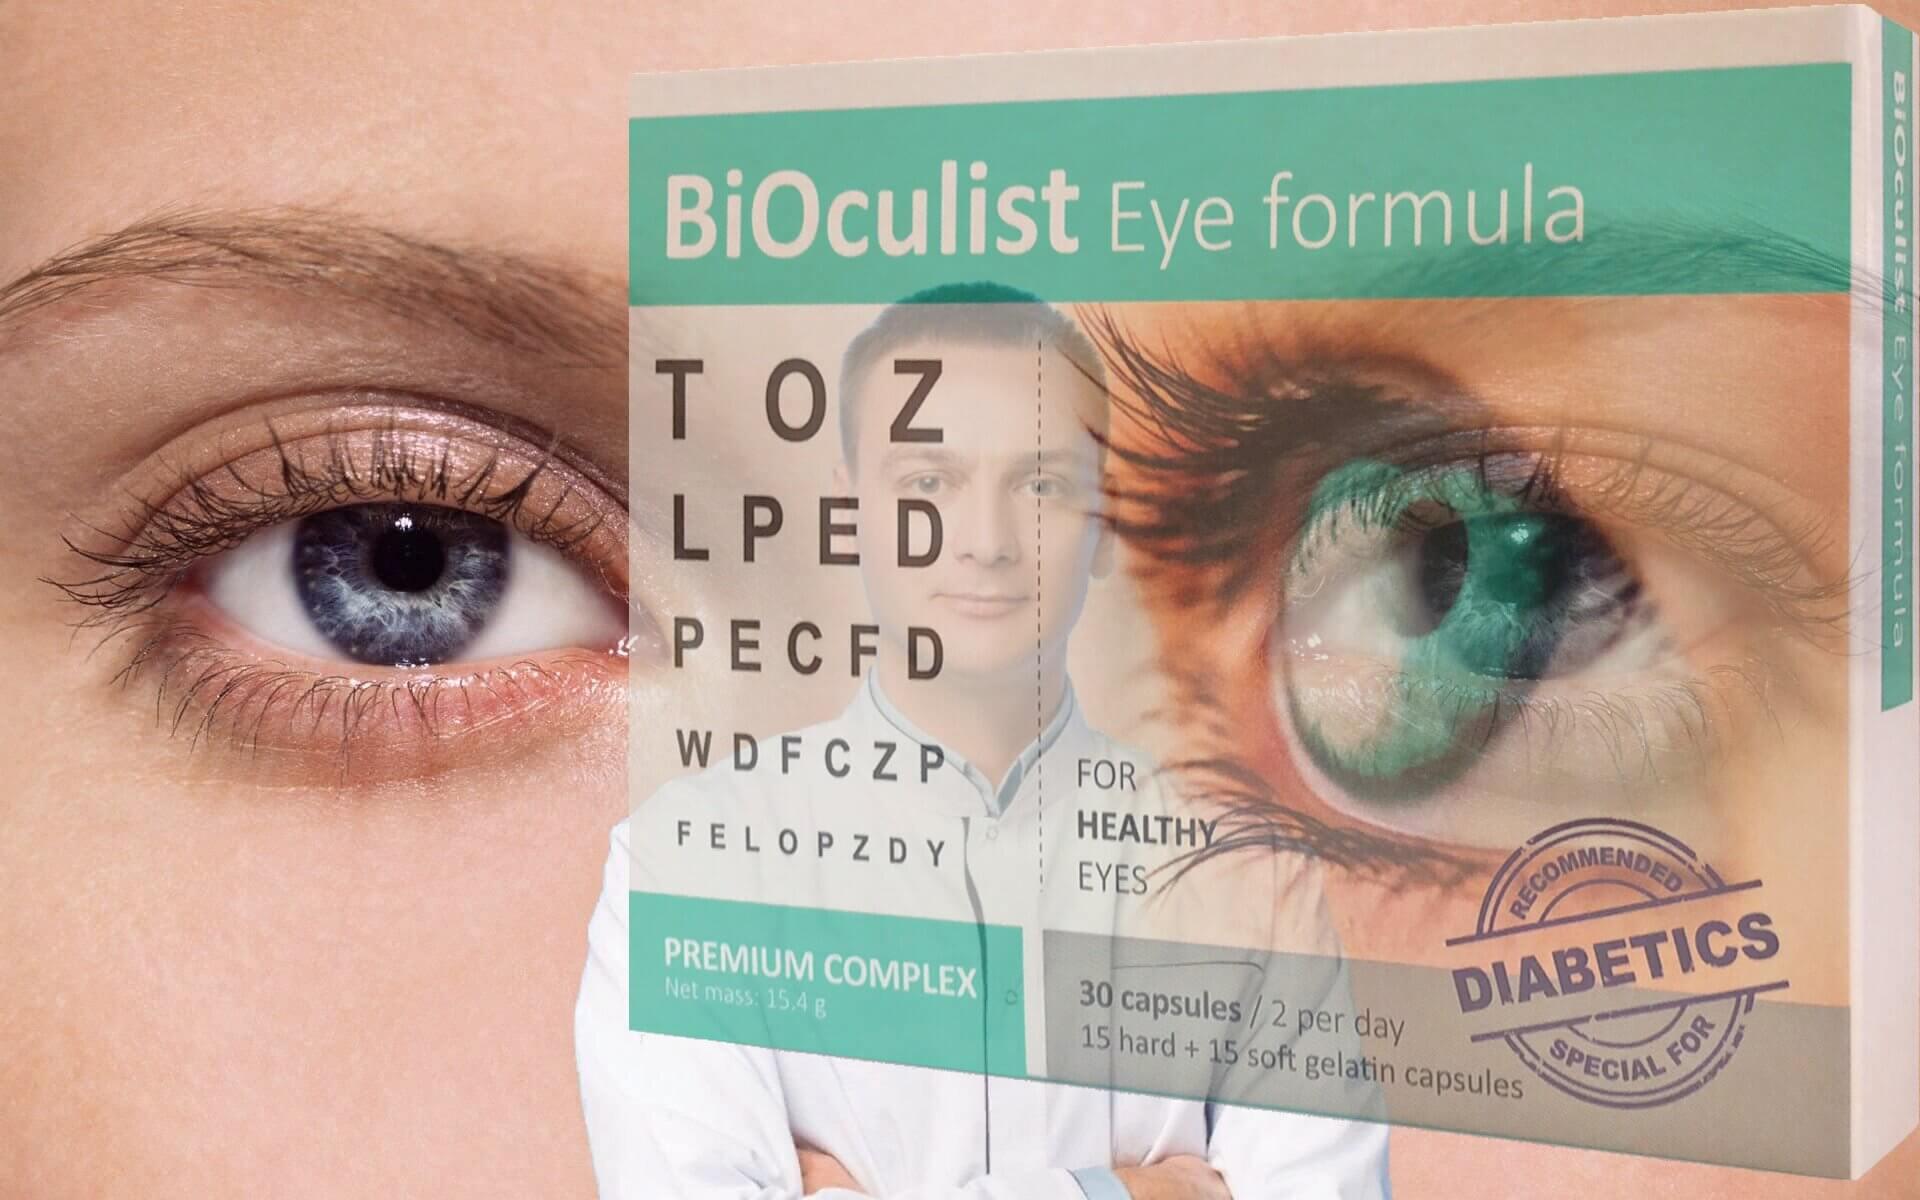 hogyan lehet megtudni, hány dioptriás látás a figyelem sajátosságai látássérülés esetén